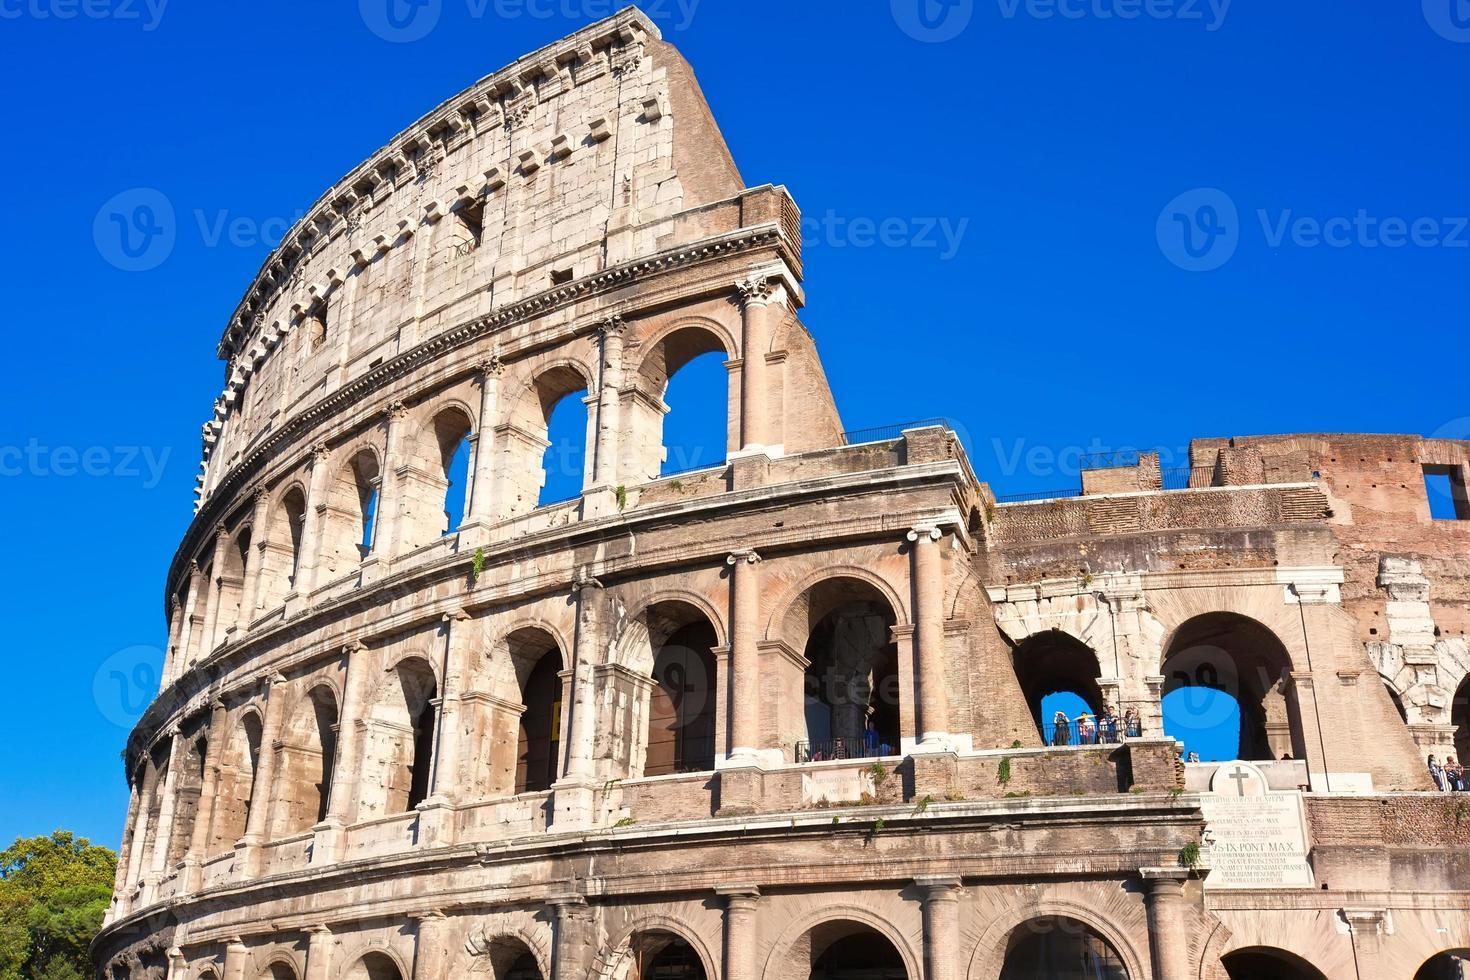 Colosseum in Rome photo